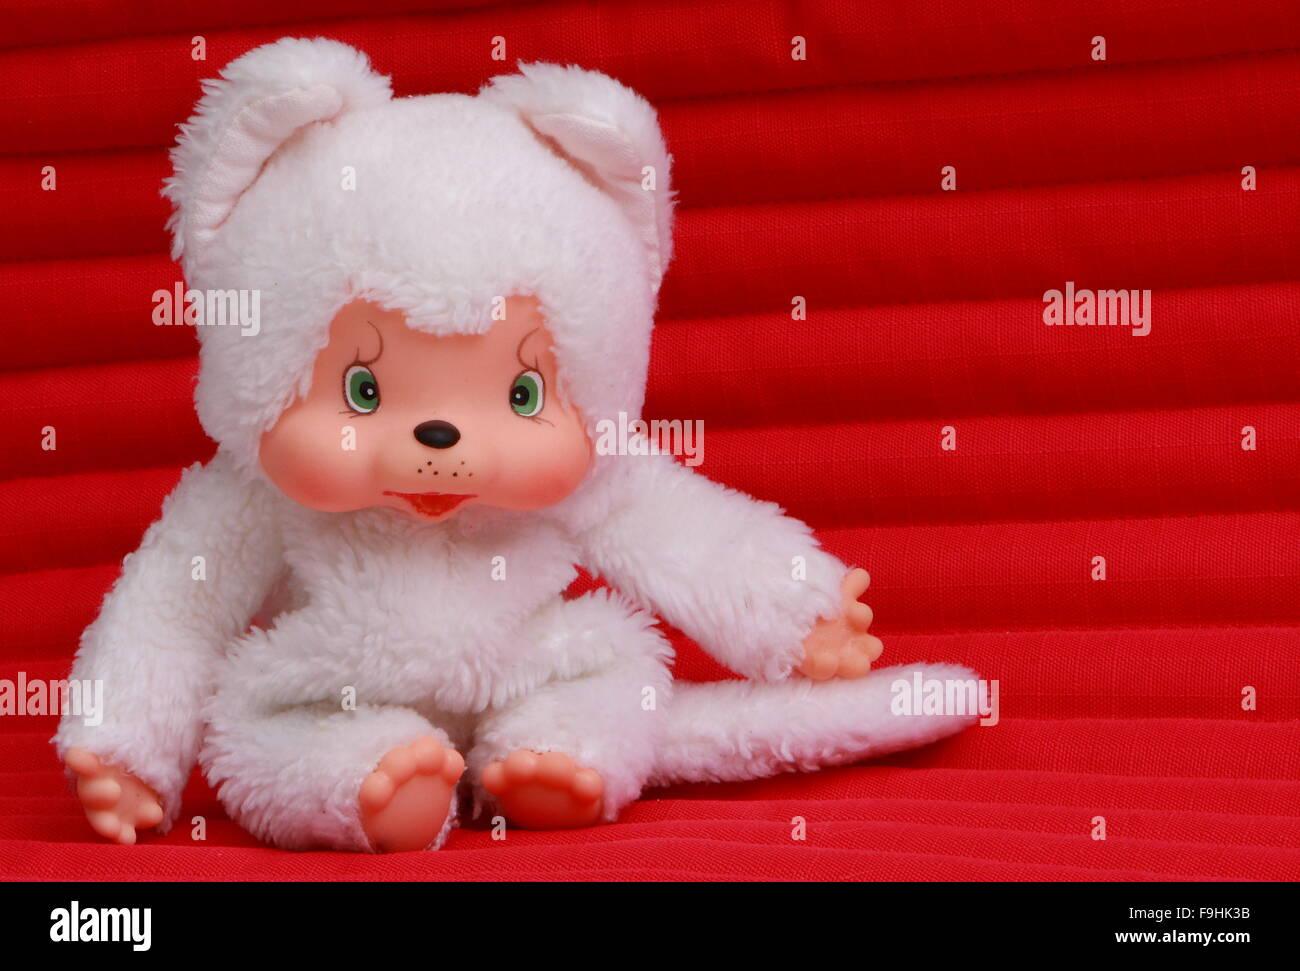 Retro Toy - Stock Image